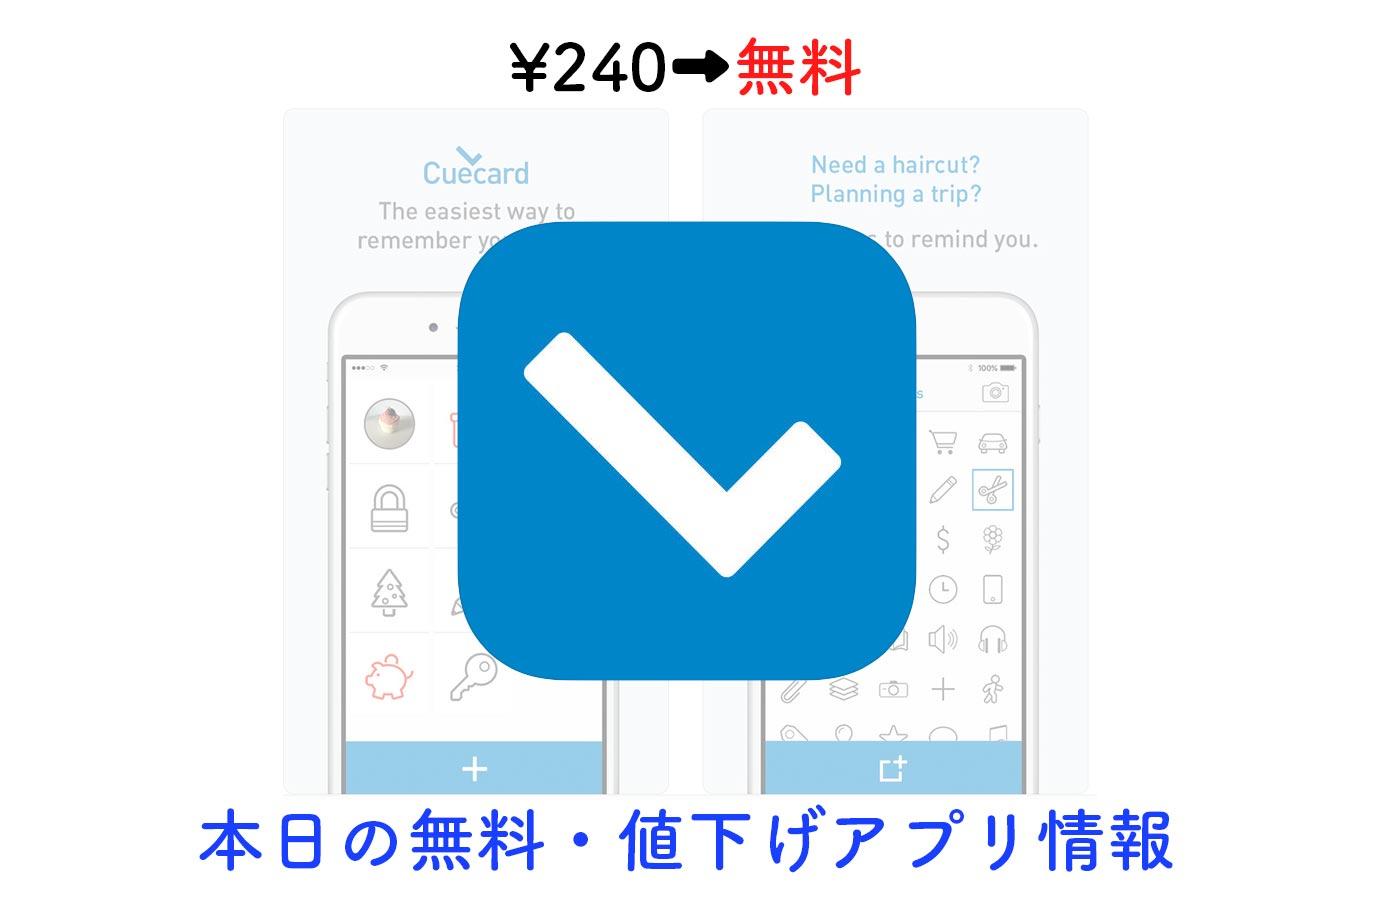 ¥240→無料、アイコンや写真で管理できるToDoアプリ「Cuecard」など【3/12】本日の無料・値下げ情報